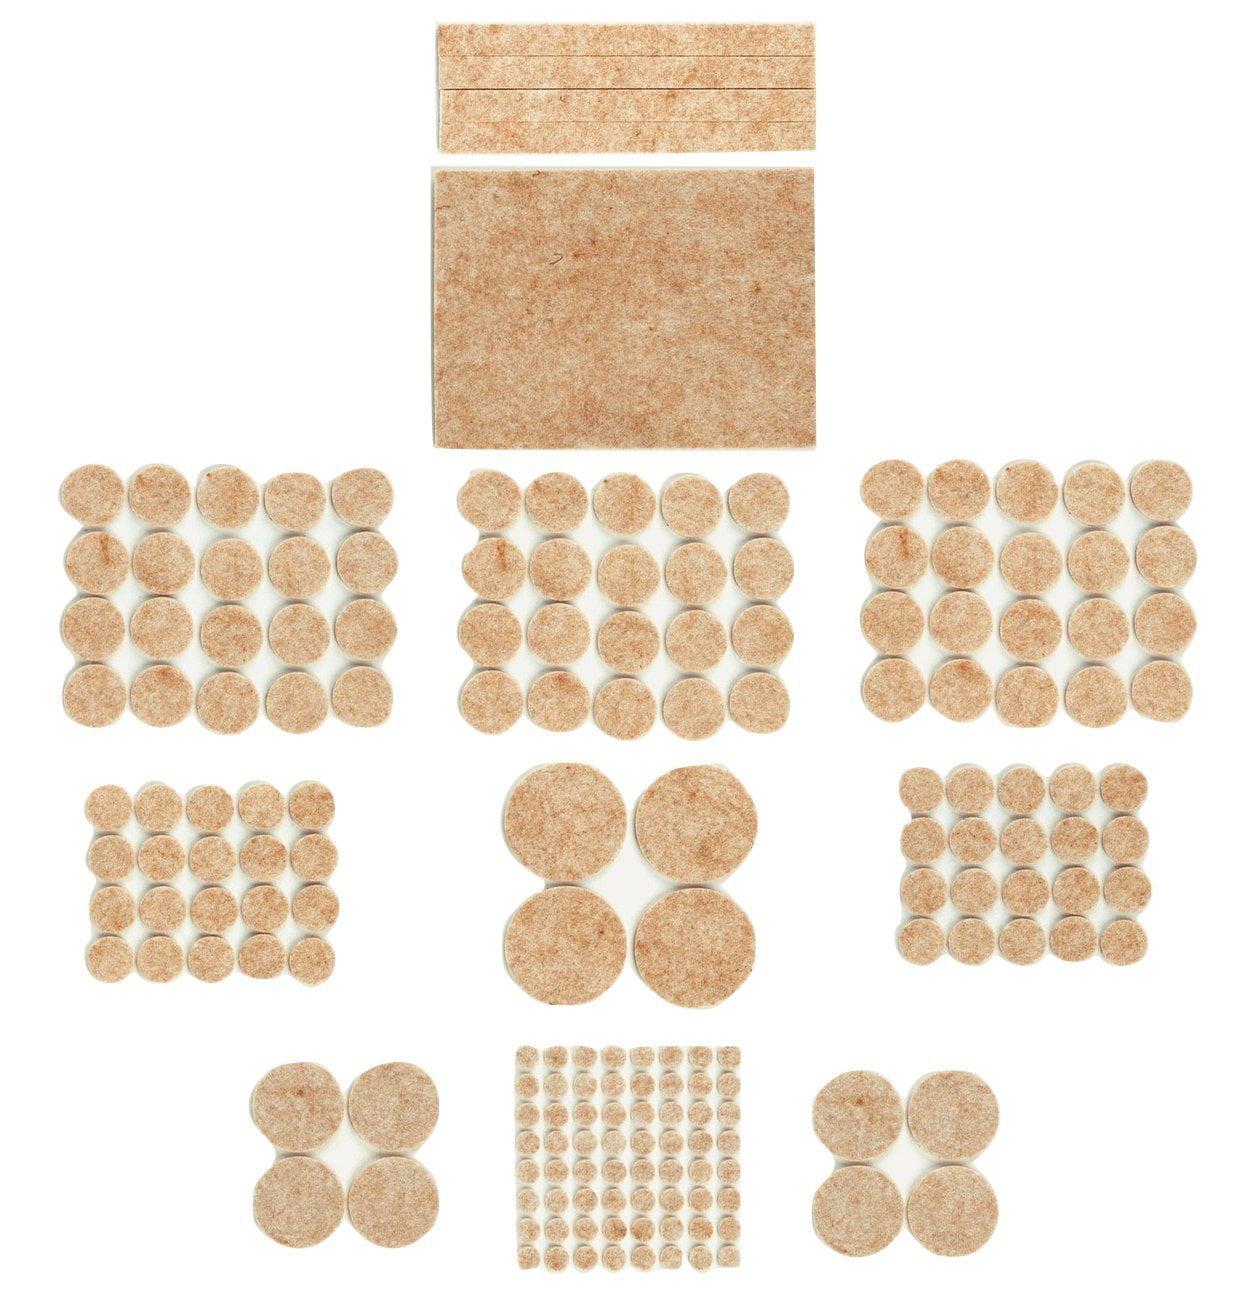 Felt Furniture Pads Stickers By Vipat@Home: Pack Of 181 Felt Floor Protectors For Laminate, Vinyl & Wood Floorings Beige... by